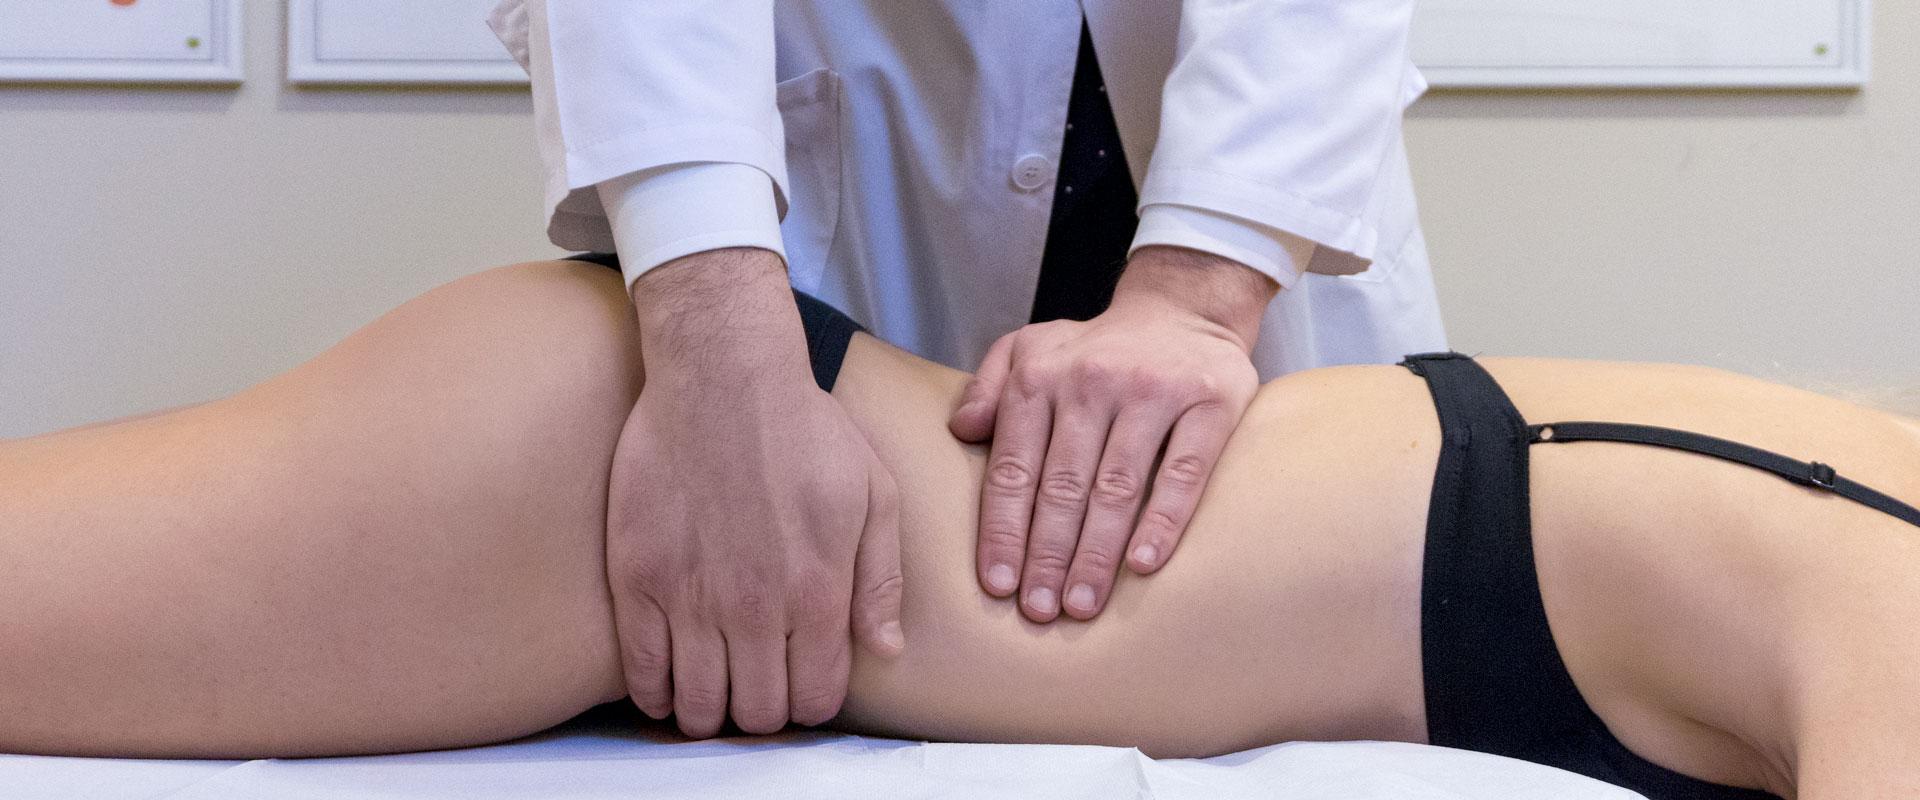 immagine trattamento lombalgia